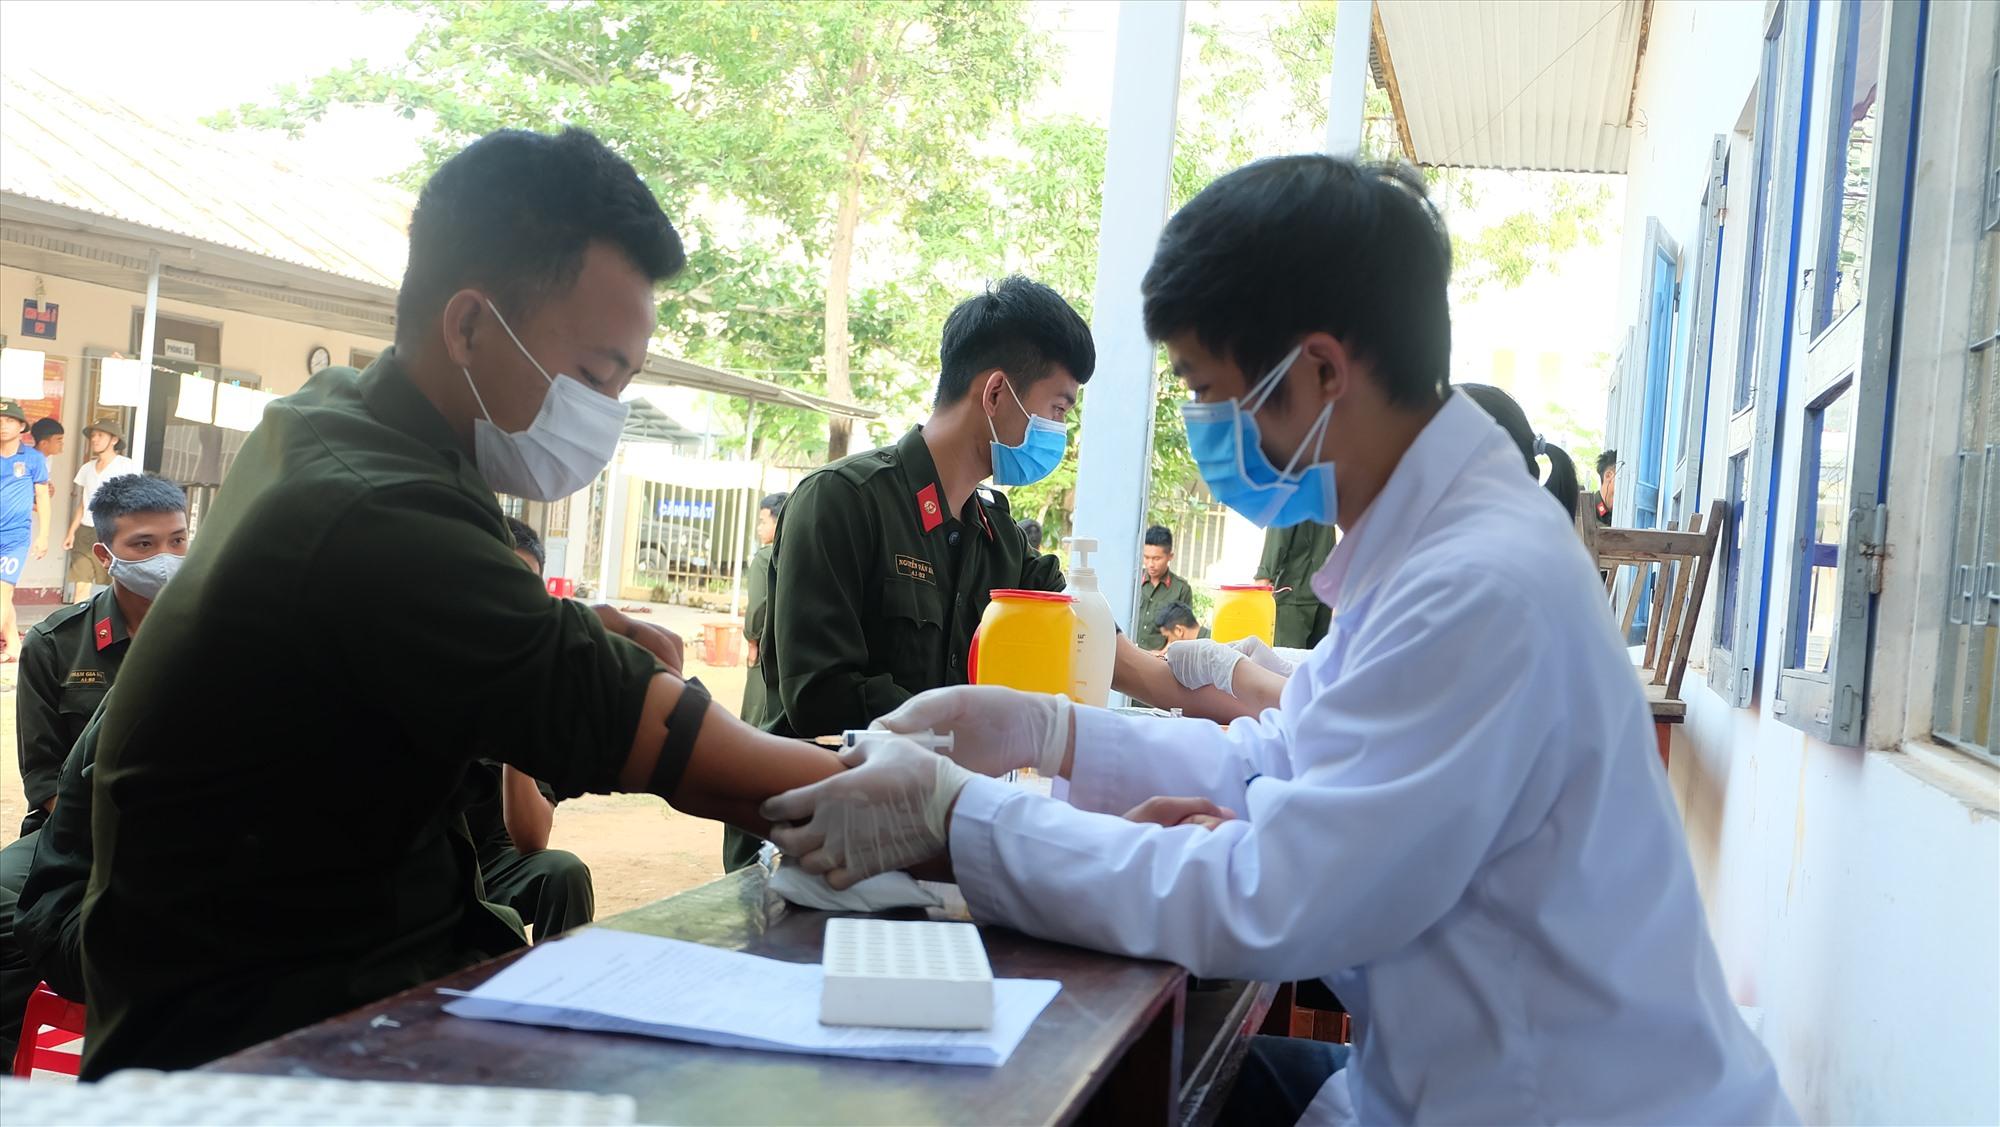 Các y, bác sĩ đang lấy mẫu máu để kiểm tra. Ảnh: M.L